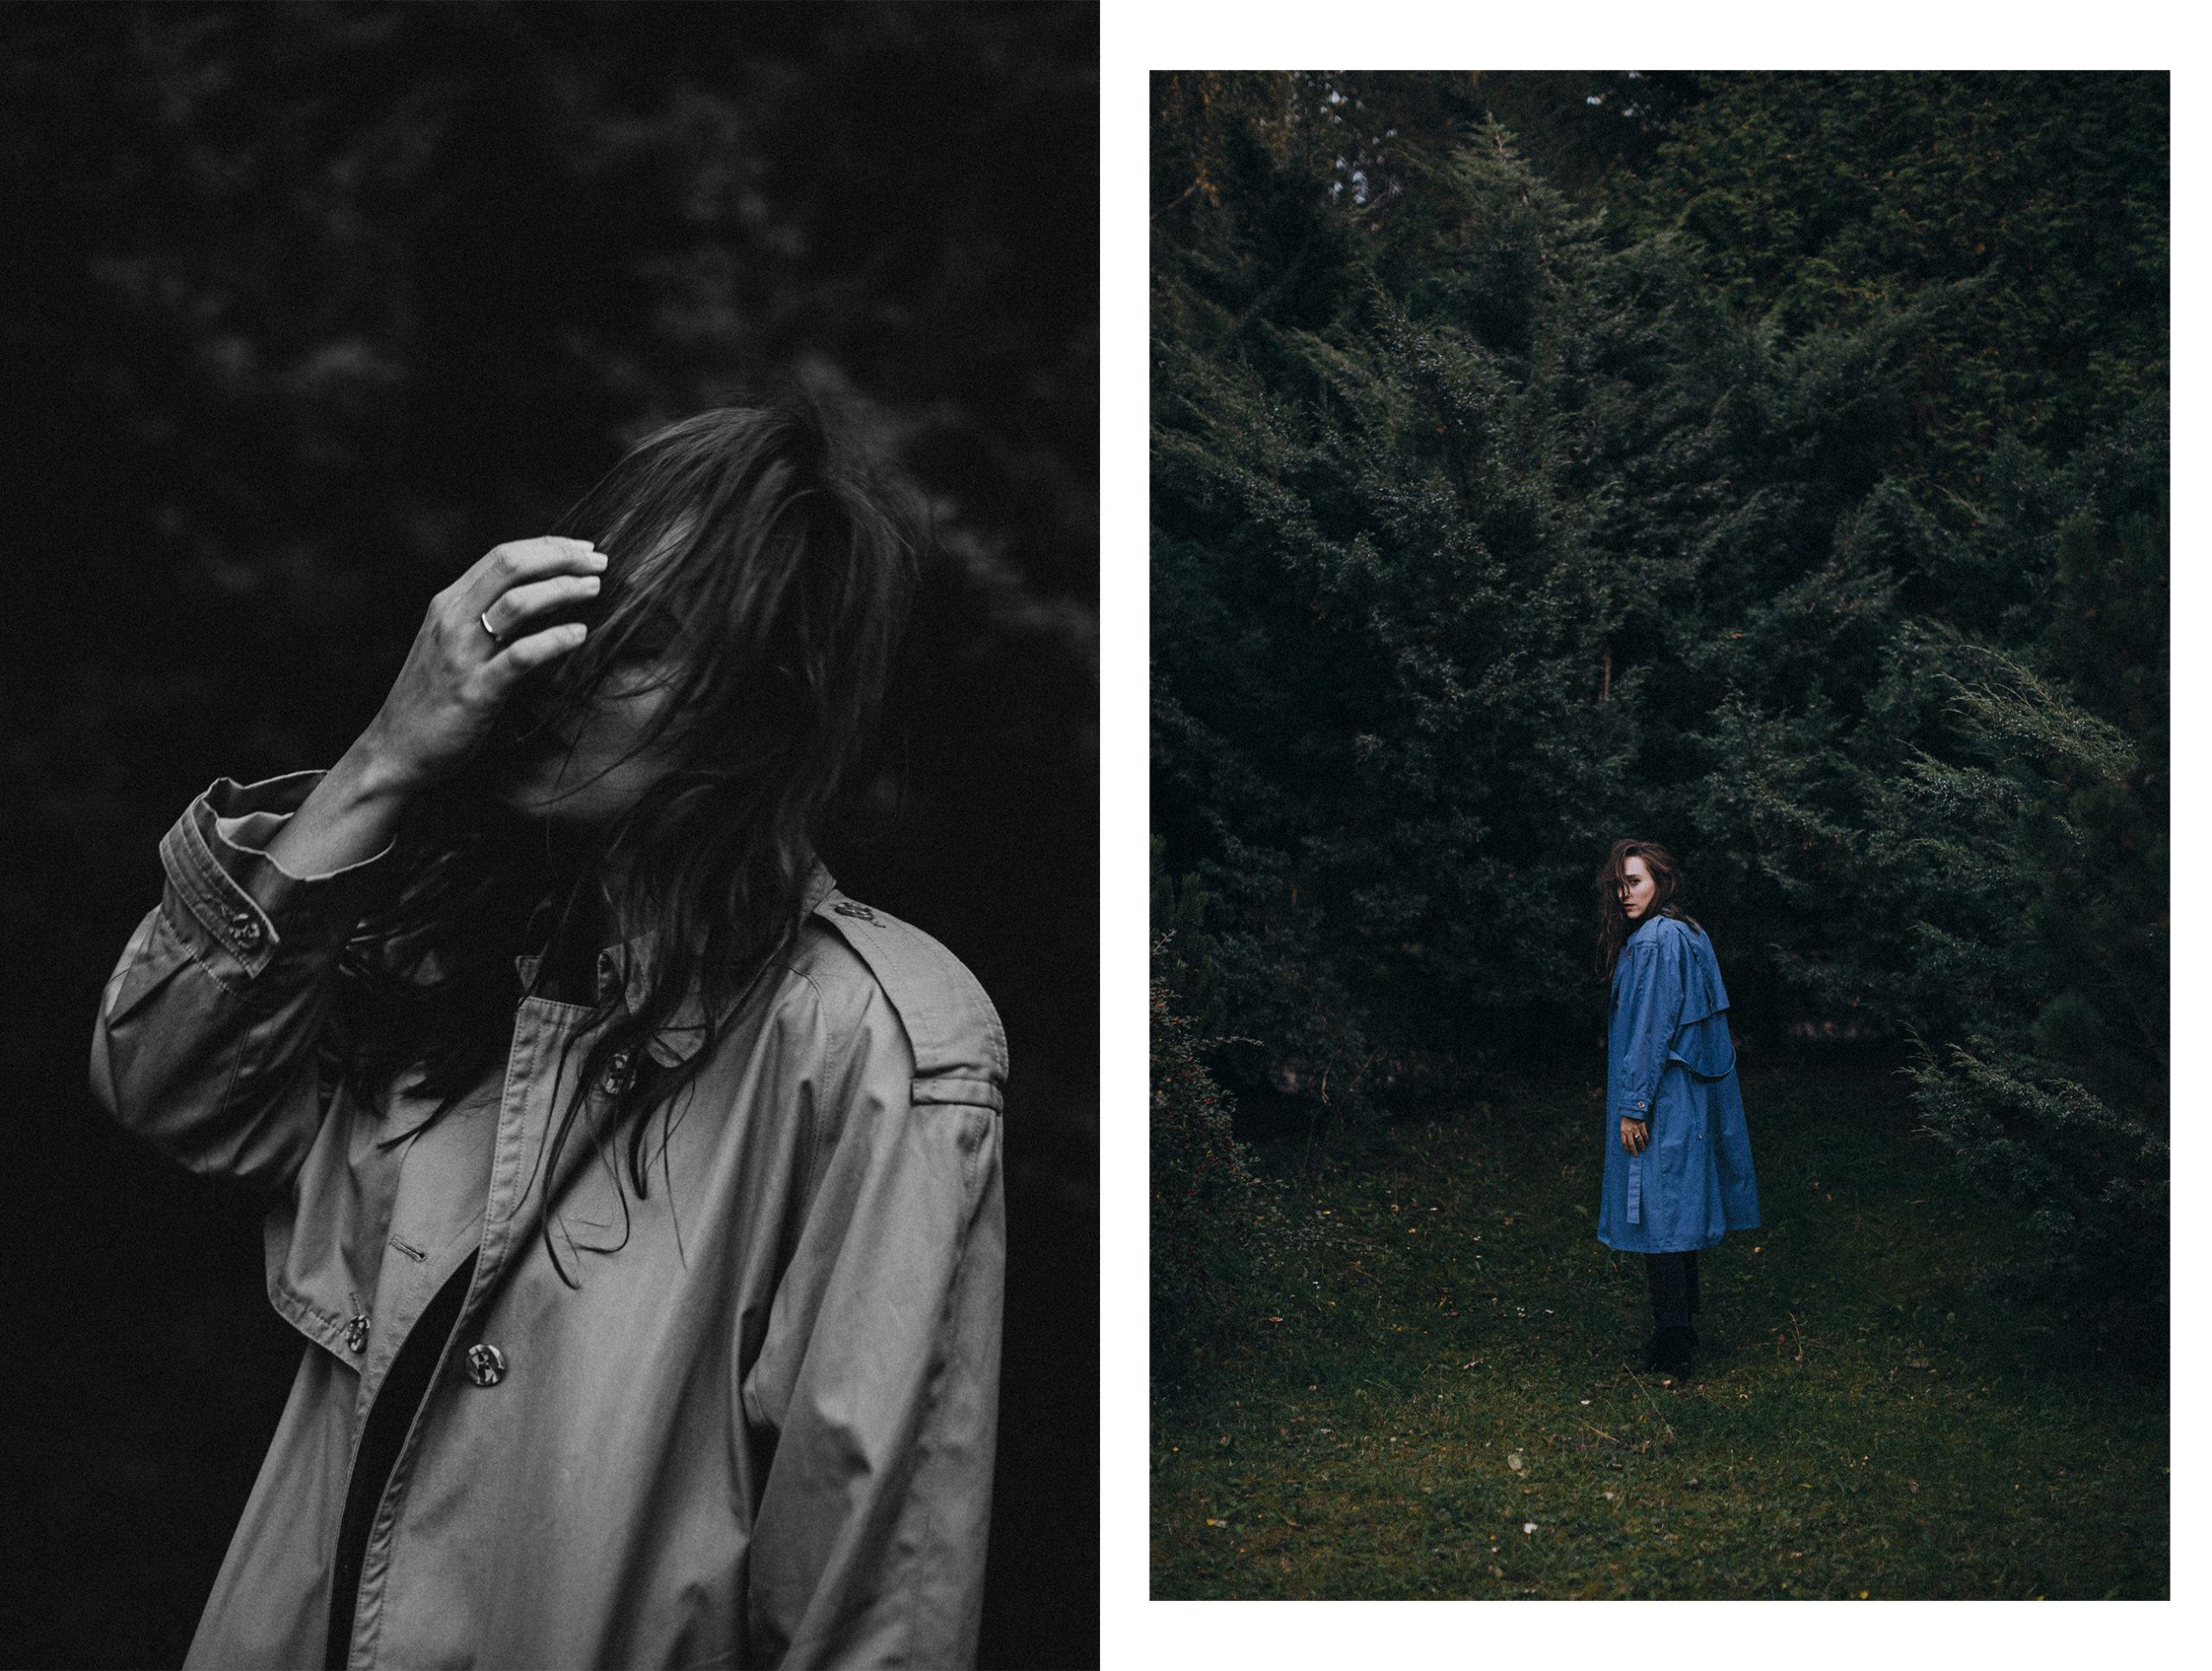 portrety agata sesja slask fotografia 00016 copy